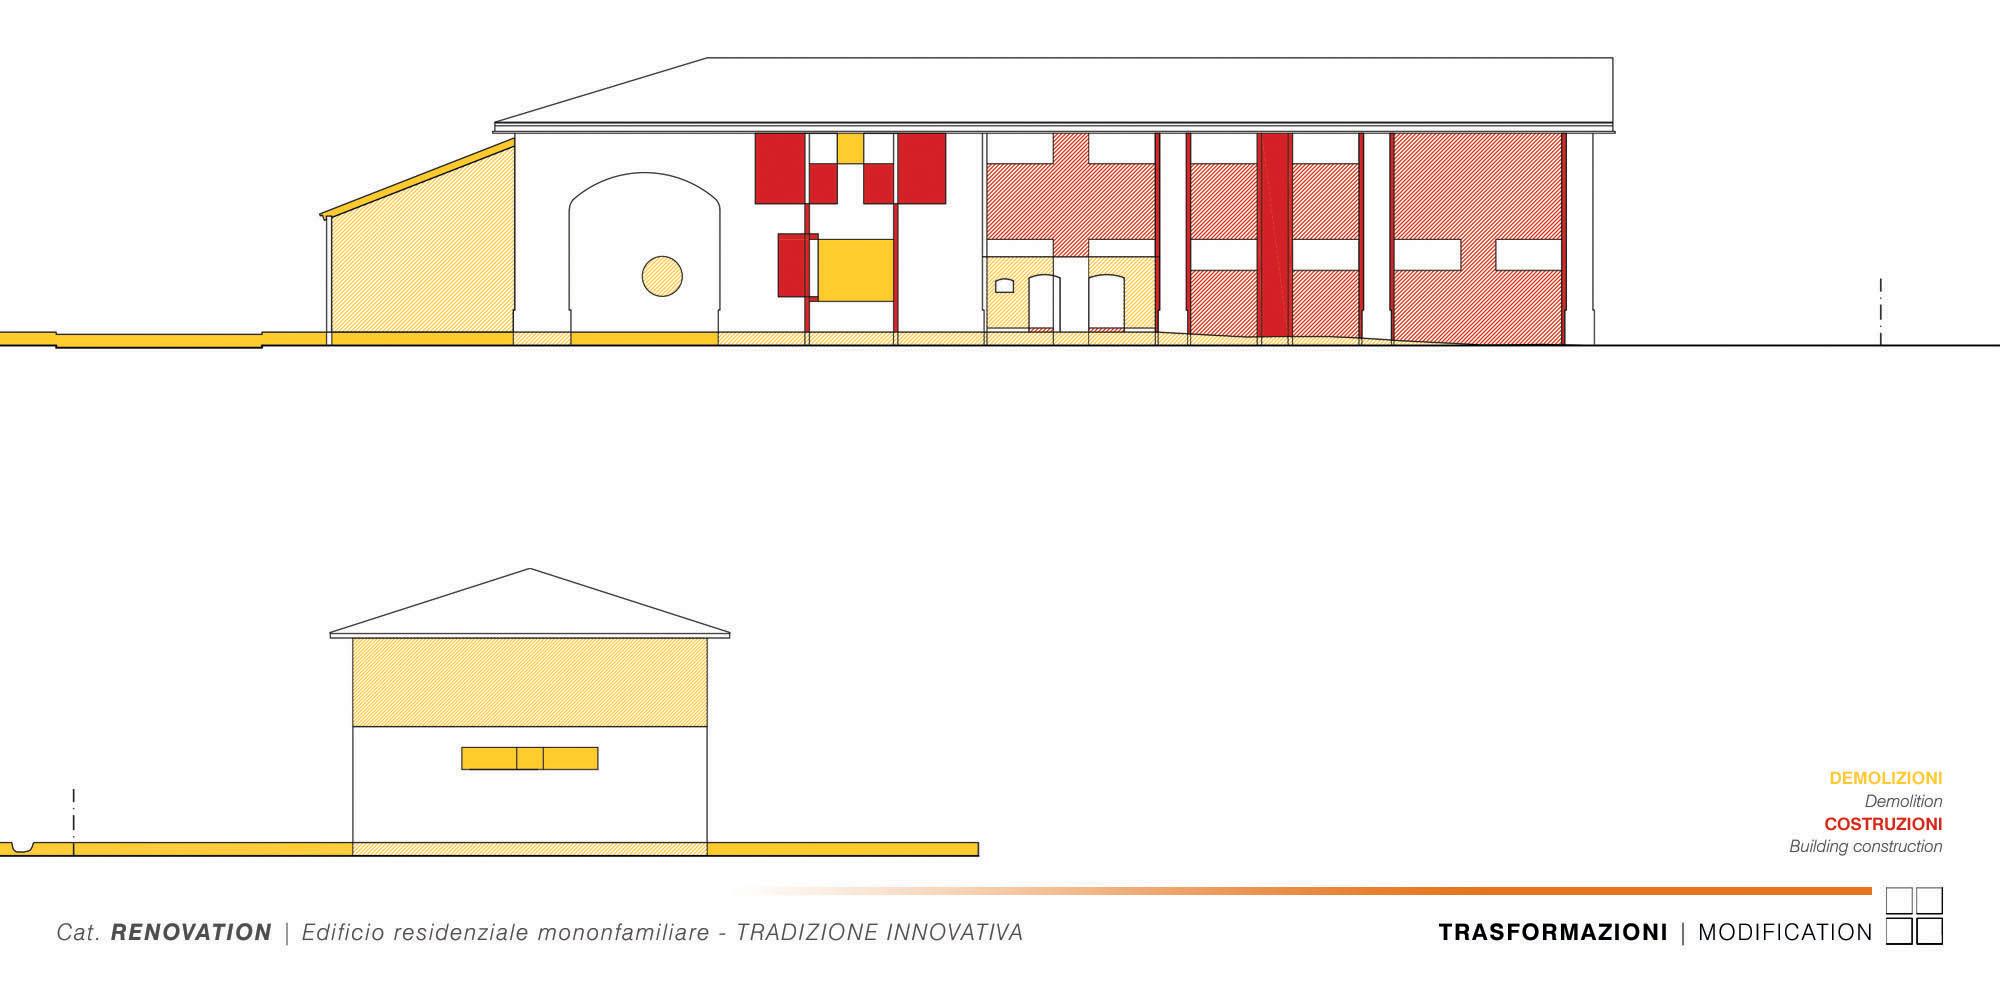 Edificio Residenziale Monofamiliare - TRADIZIONE INNOVATIVA - 011 - W.E.-N.E. Modification }